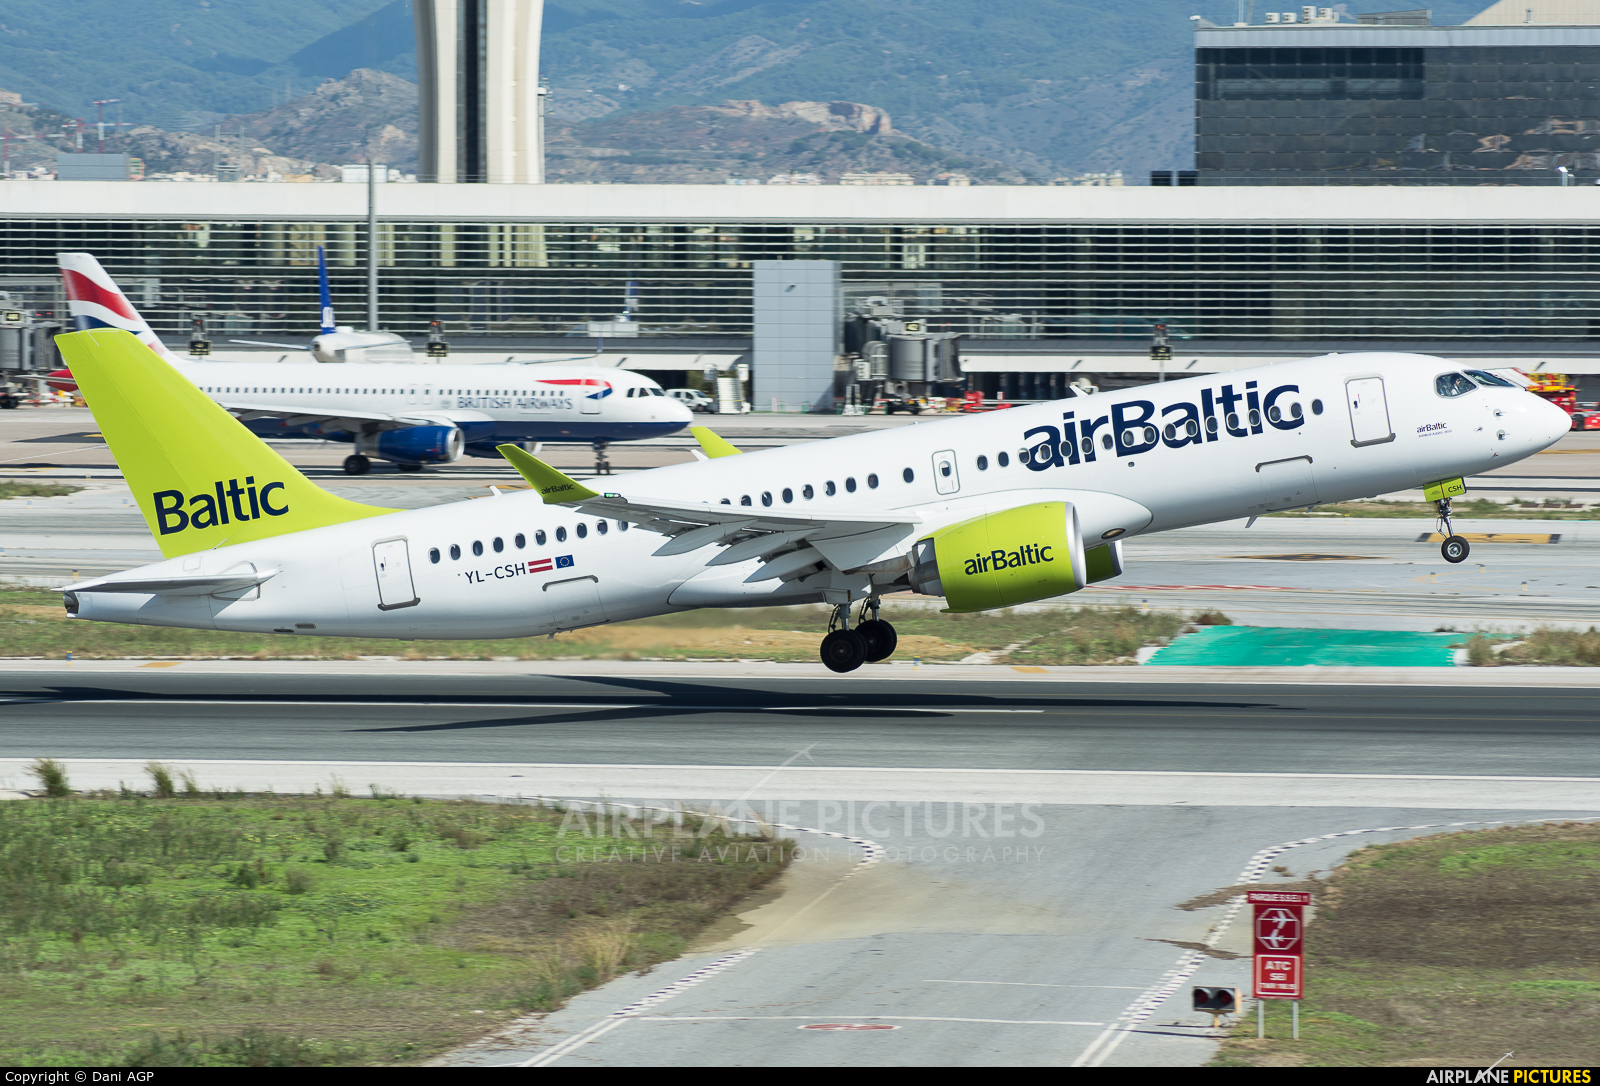 Air Baltic YL-CSH aircraft at Málaga